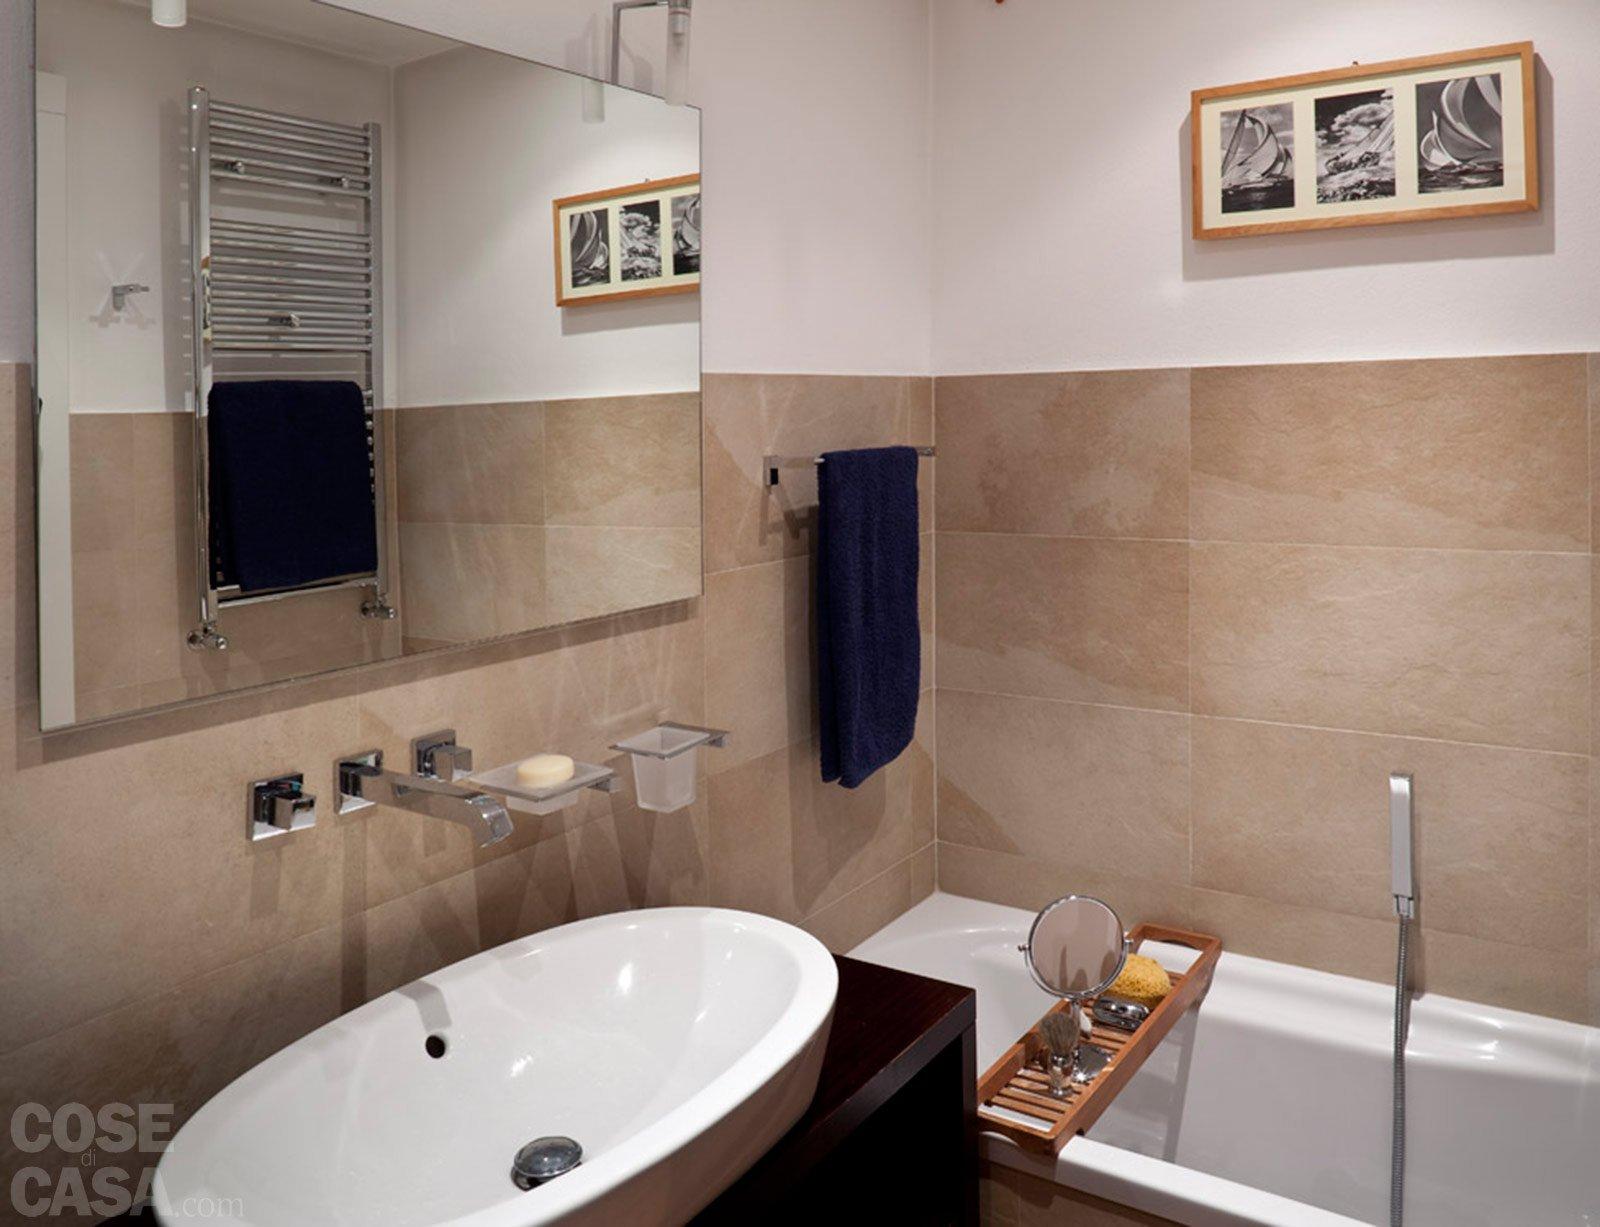 Vasche bagno piccole dimensioni ~ avienix.com for .